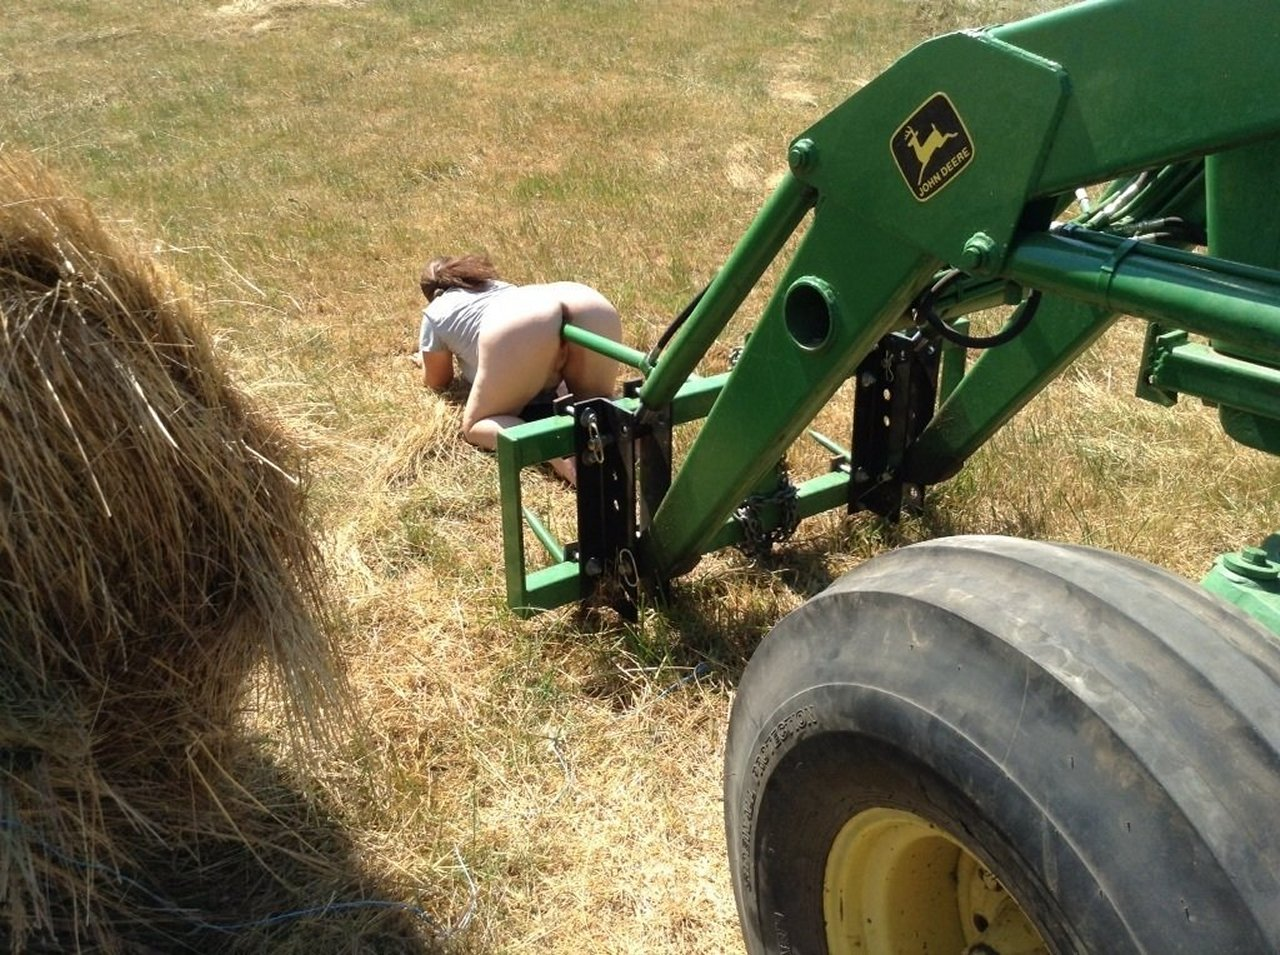 Секс и трактор, Порно: Фермер трахнул блондинку на своем тракторе 13 фотография